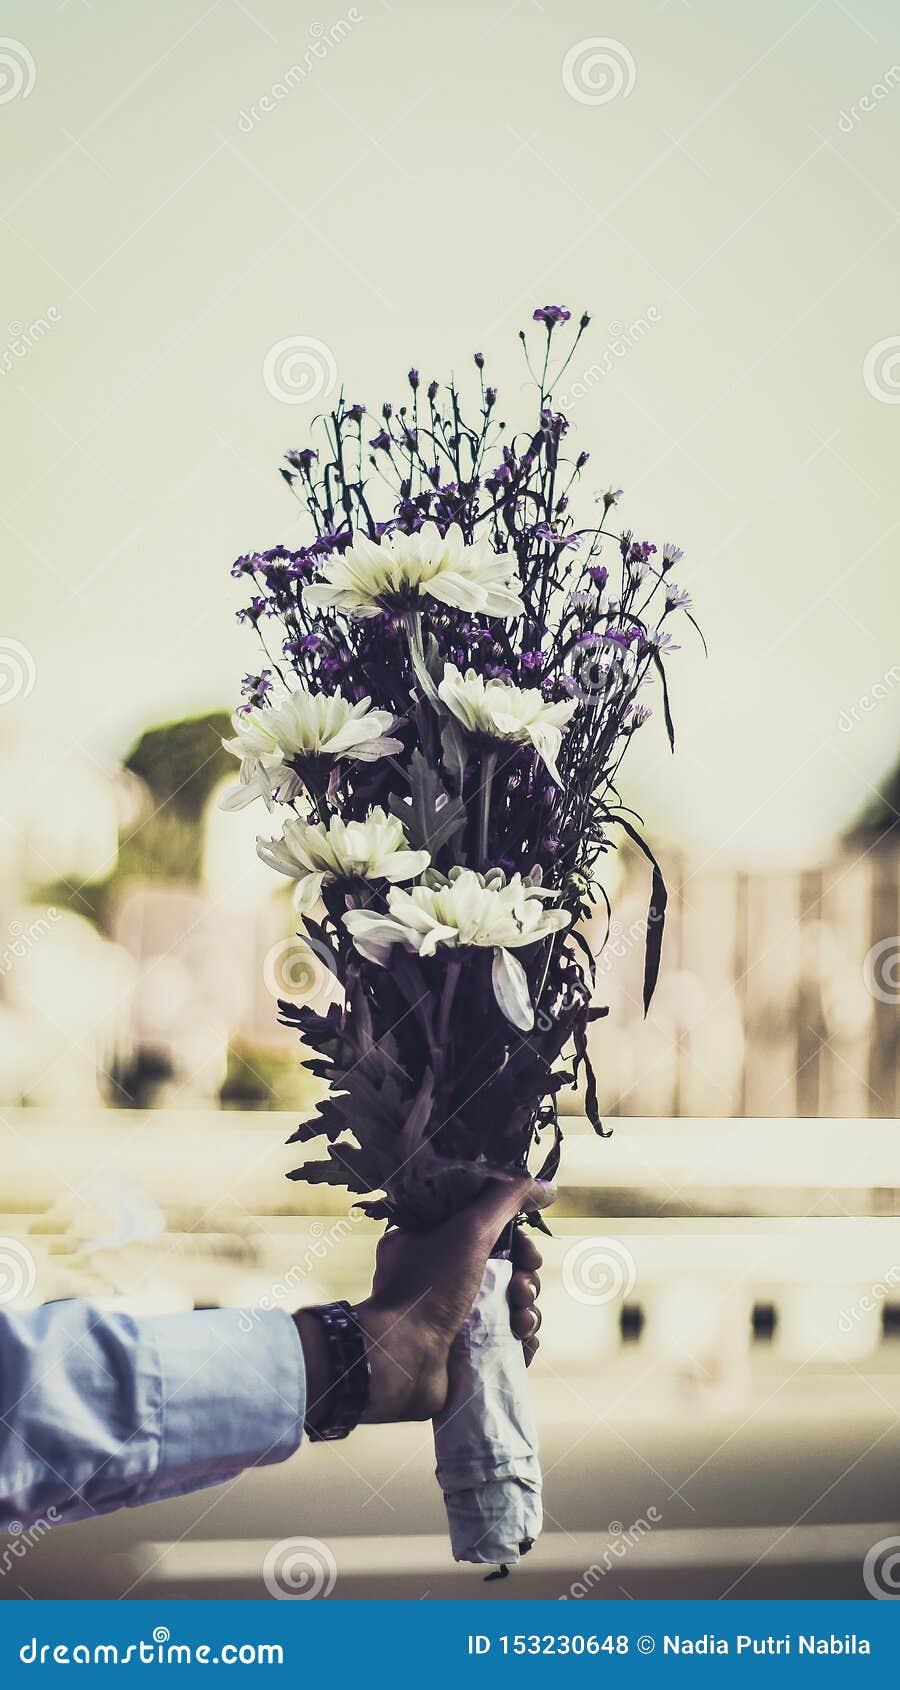 Alguém que guarda um ramalhete da flor da margarida branca para uma surpresa